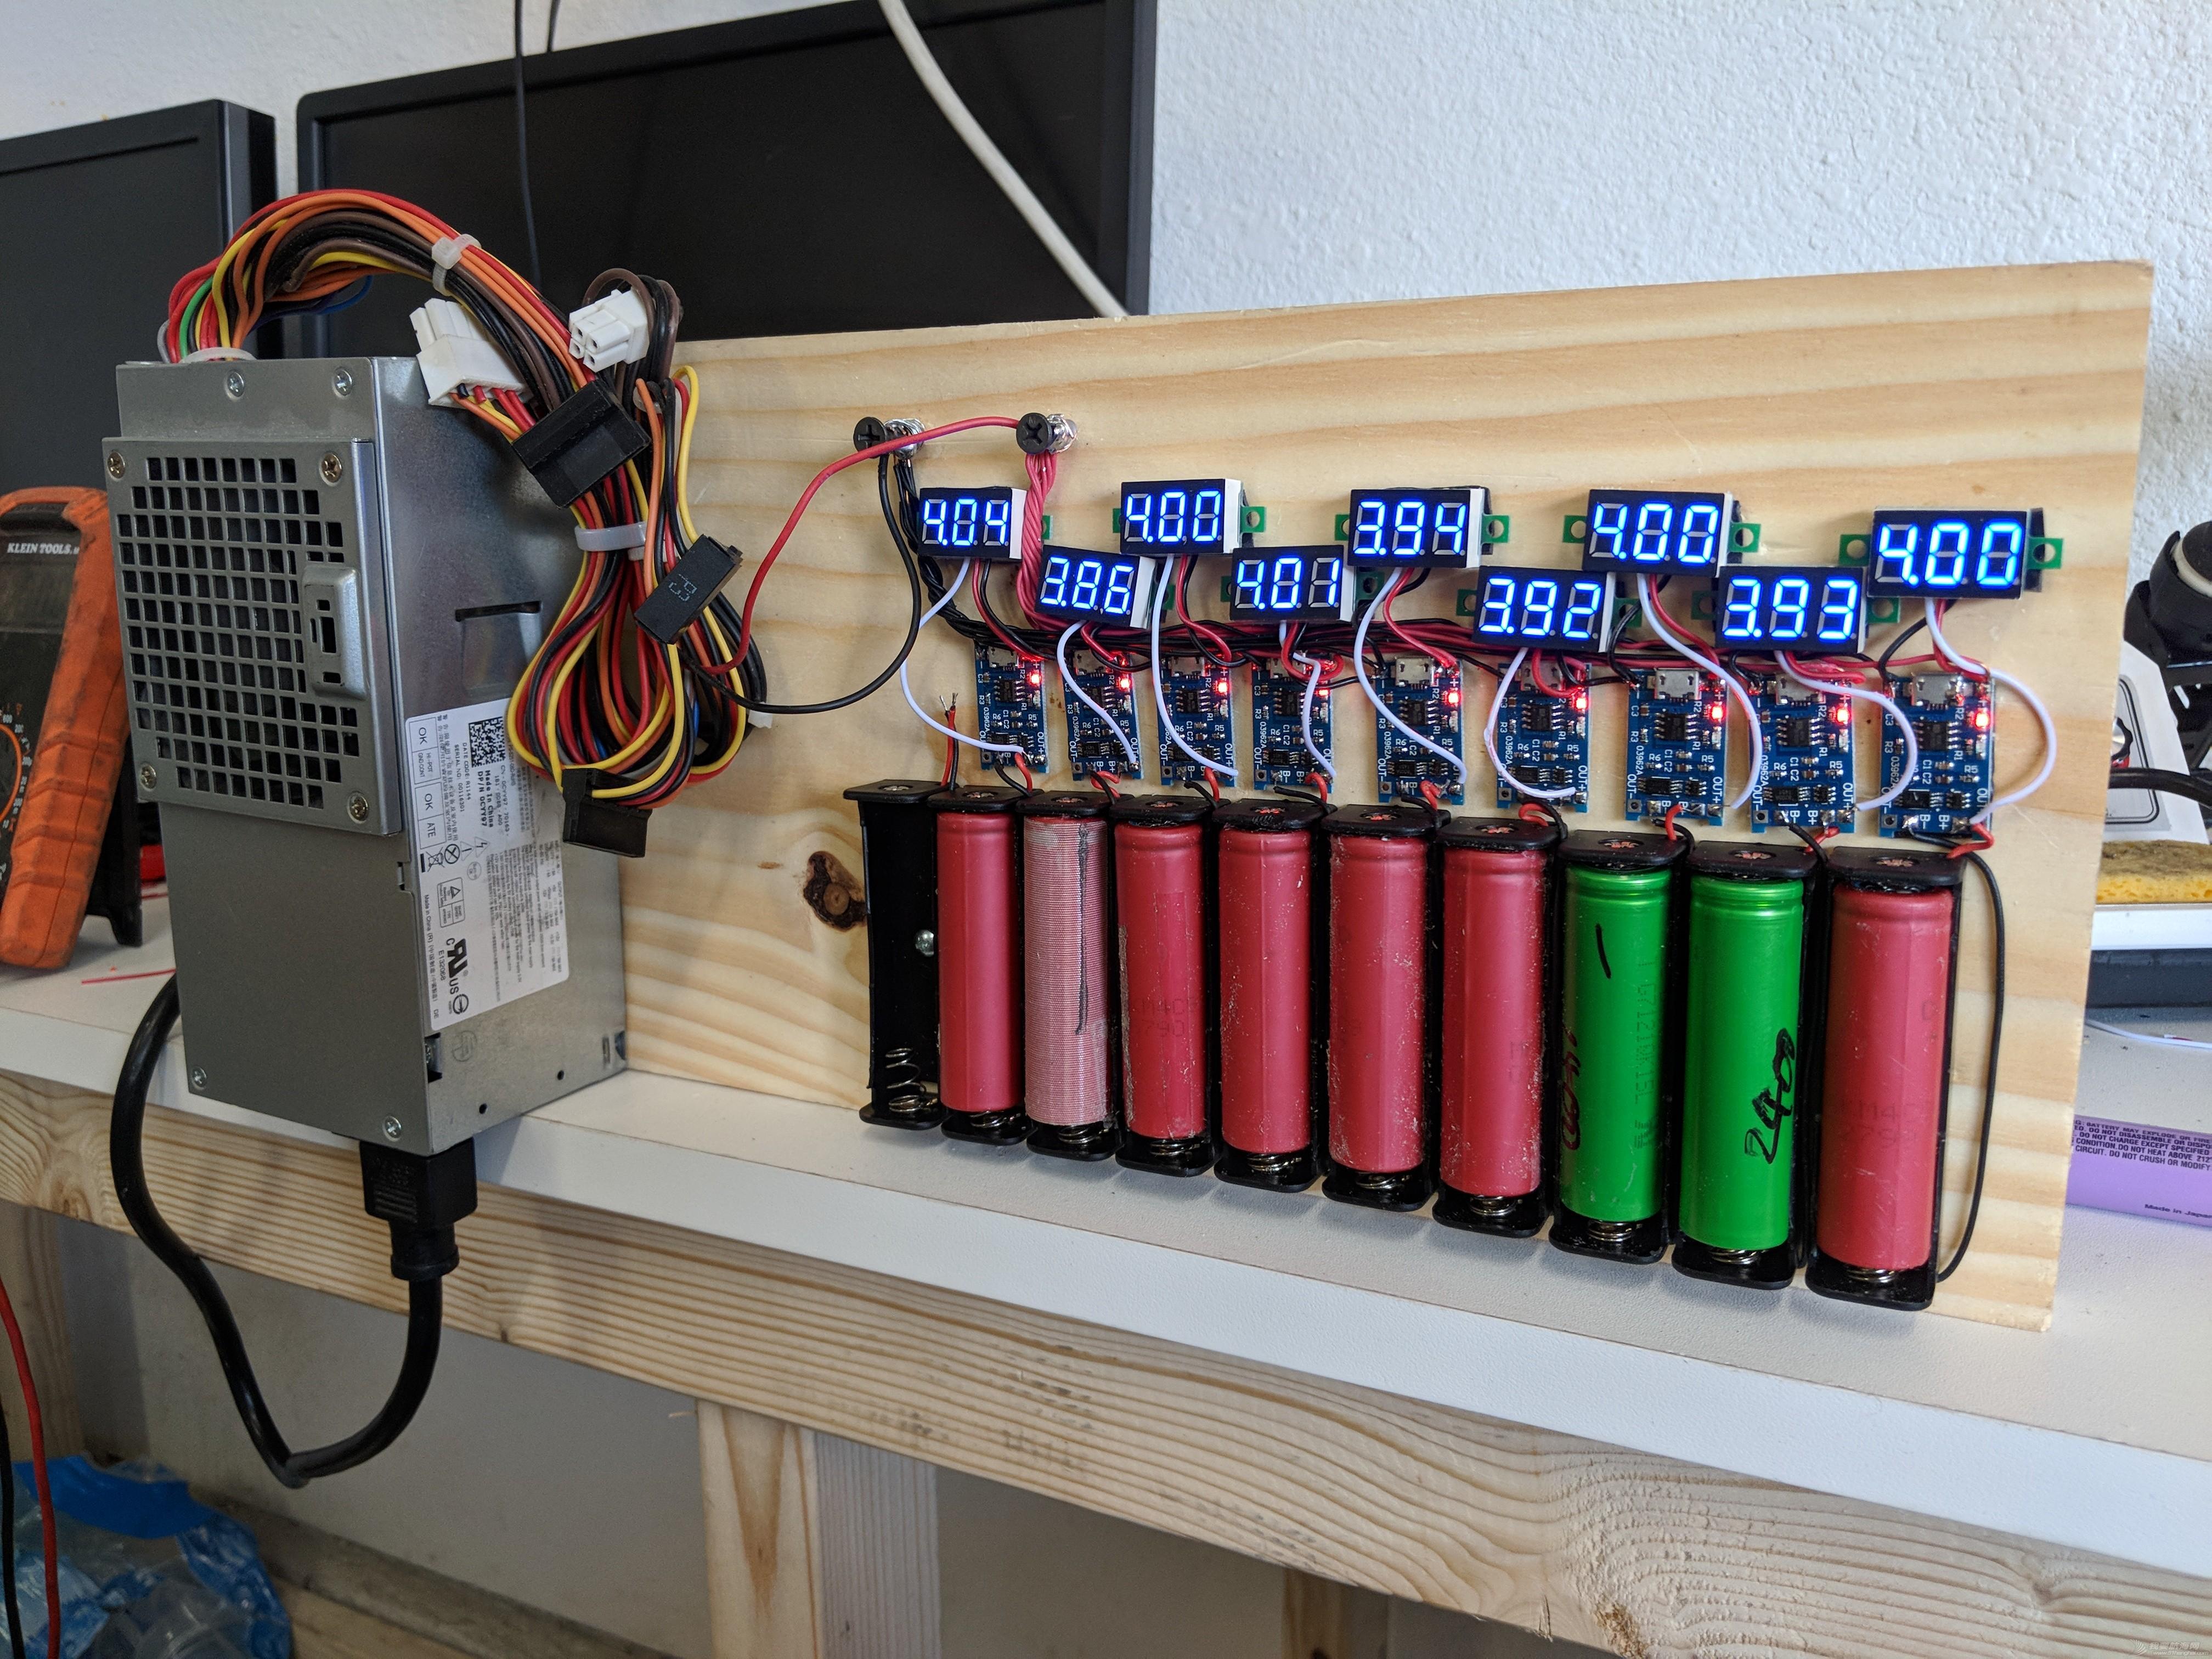 快艇+潜艇+独木舟一体的设计,已经开工 一堆电池在用TP4056芯片做的充电器搞蛋